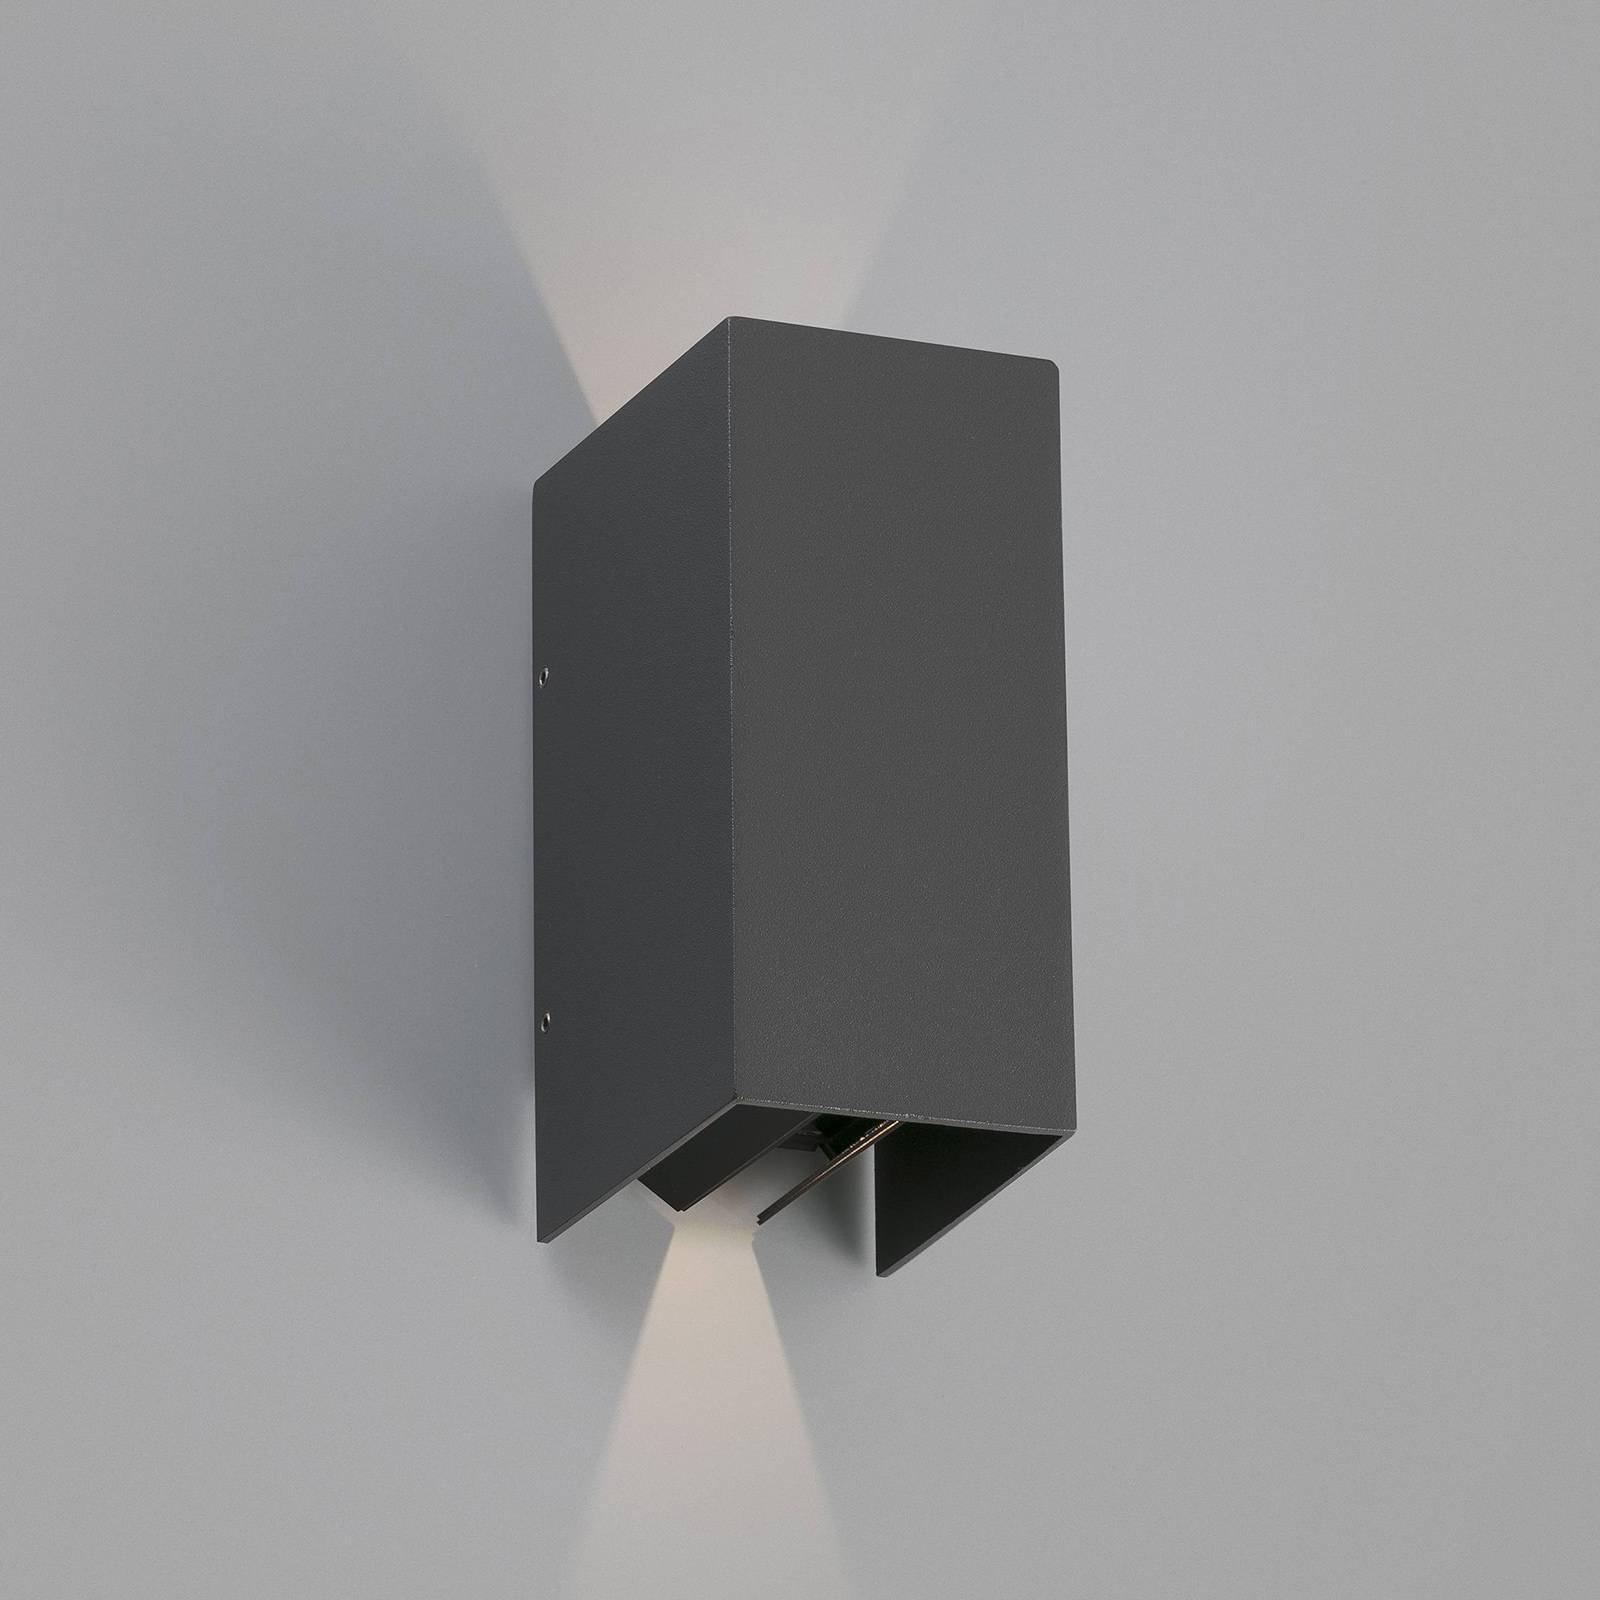 Utendørs LED-vegglampe Blind, mørkegrå